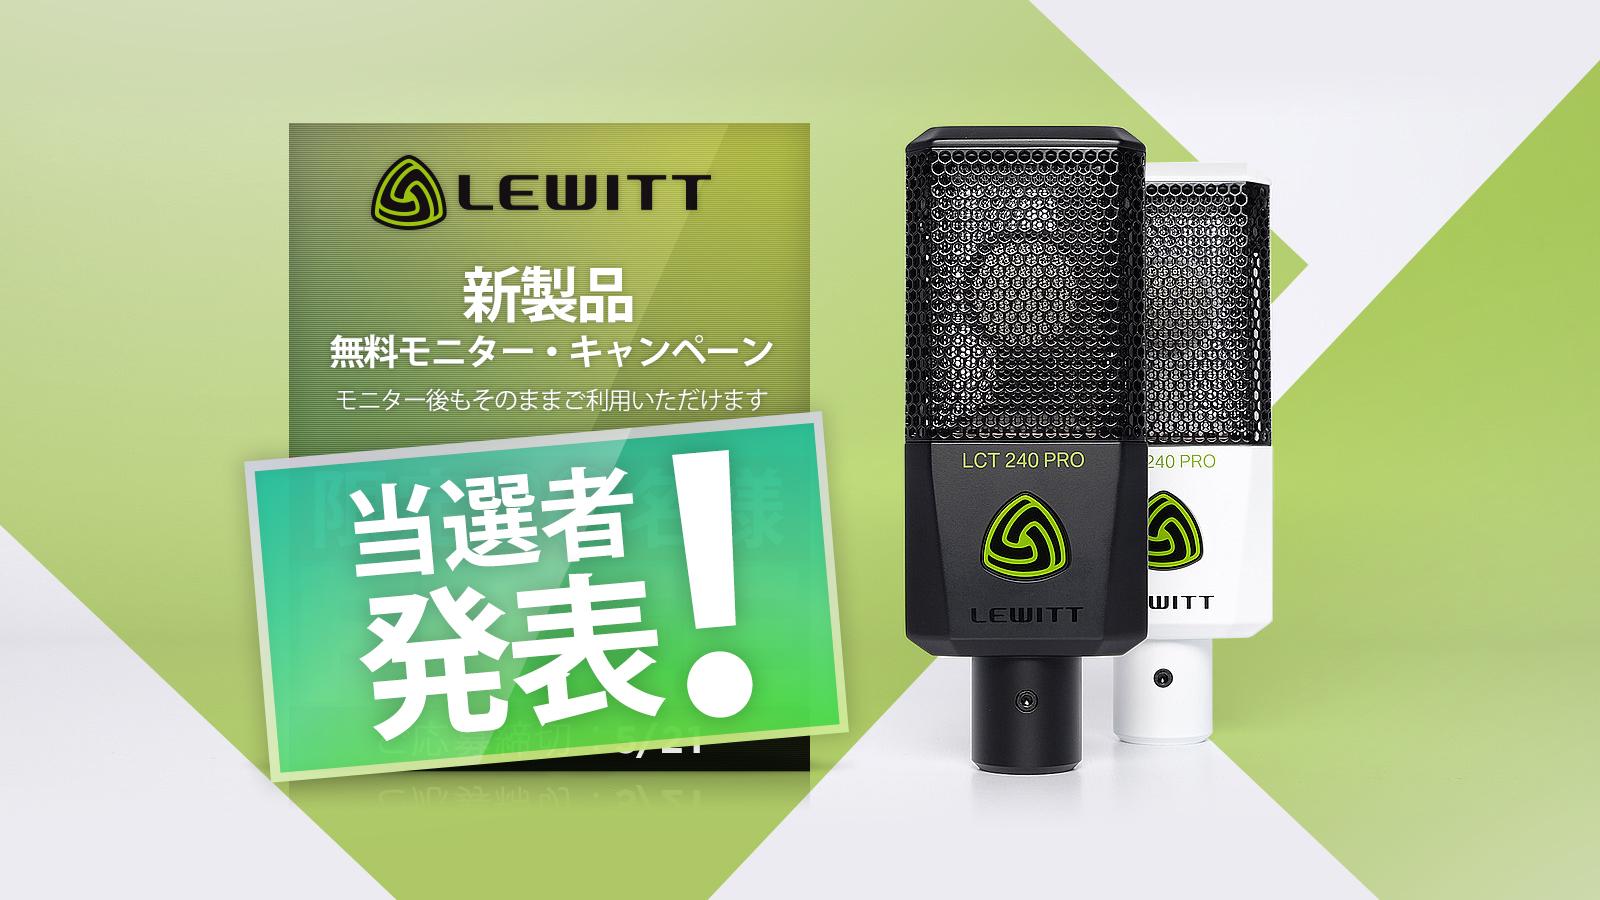 Lewitt LCT 240 PRO 無料モニター・キャンペーン 当選者発表